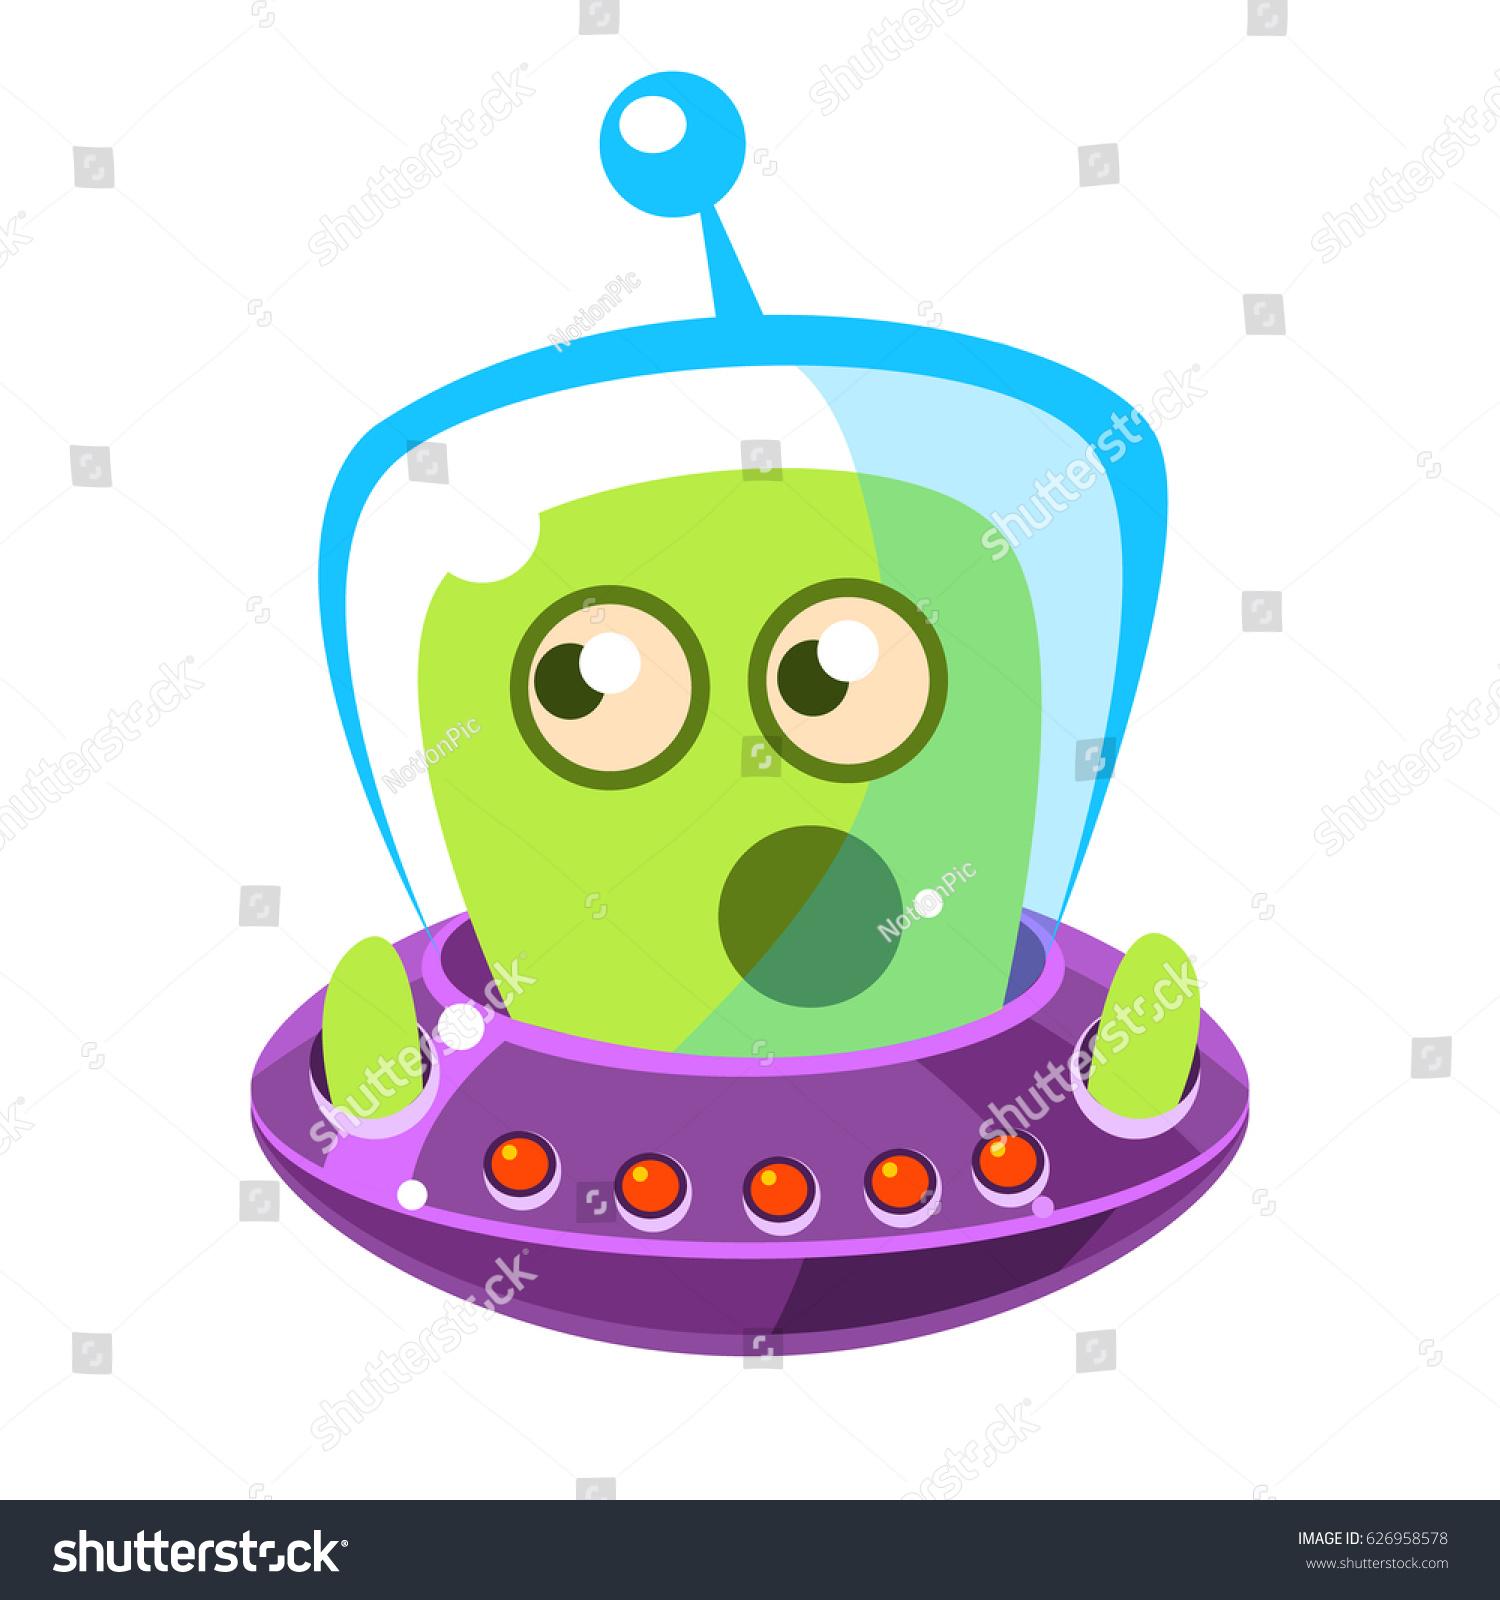 emotionally speaking green alien flying saucer stock vector